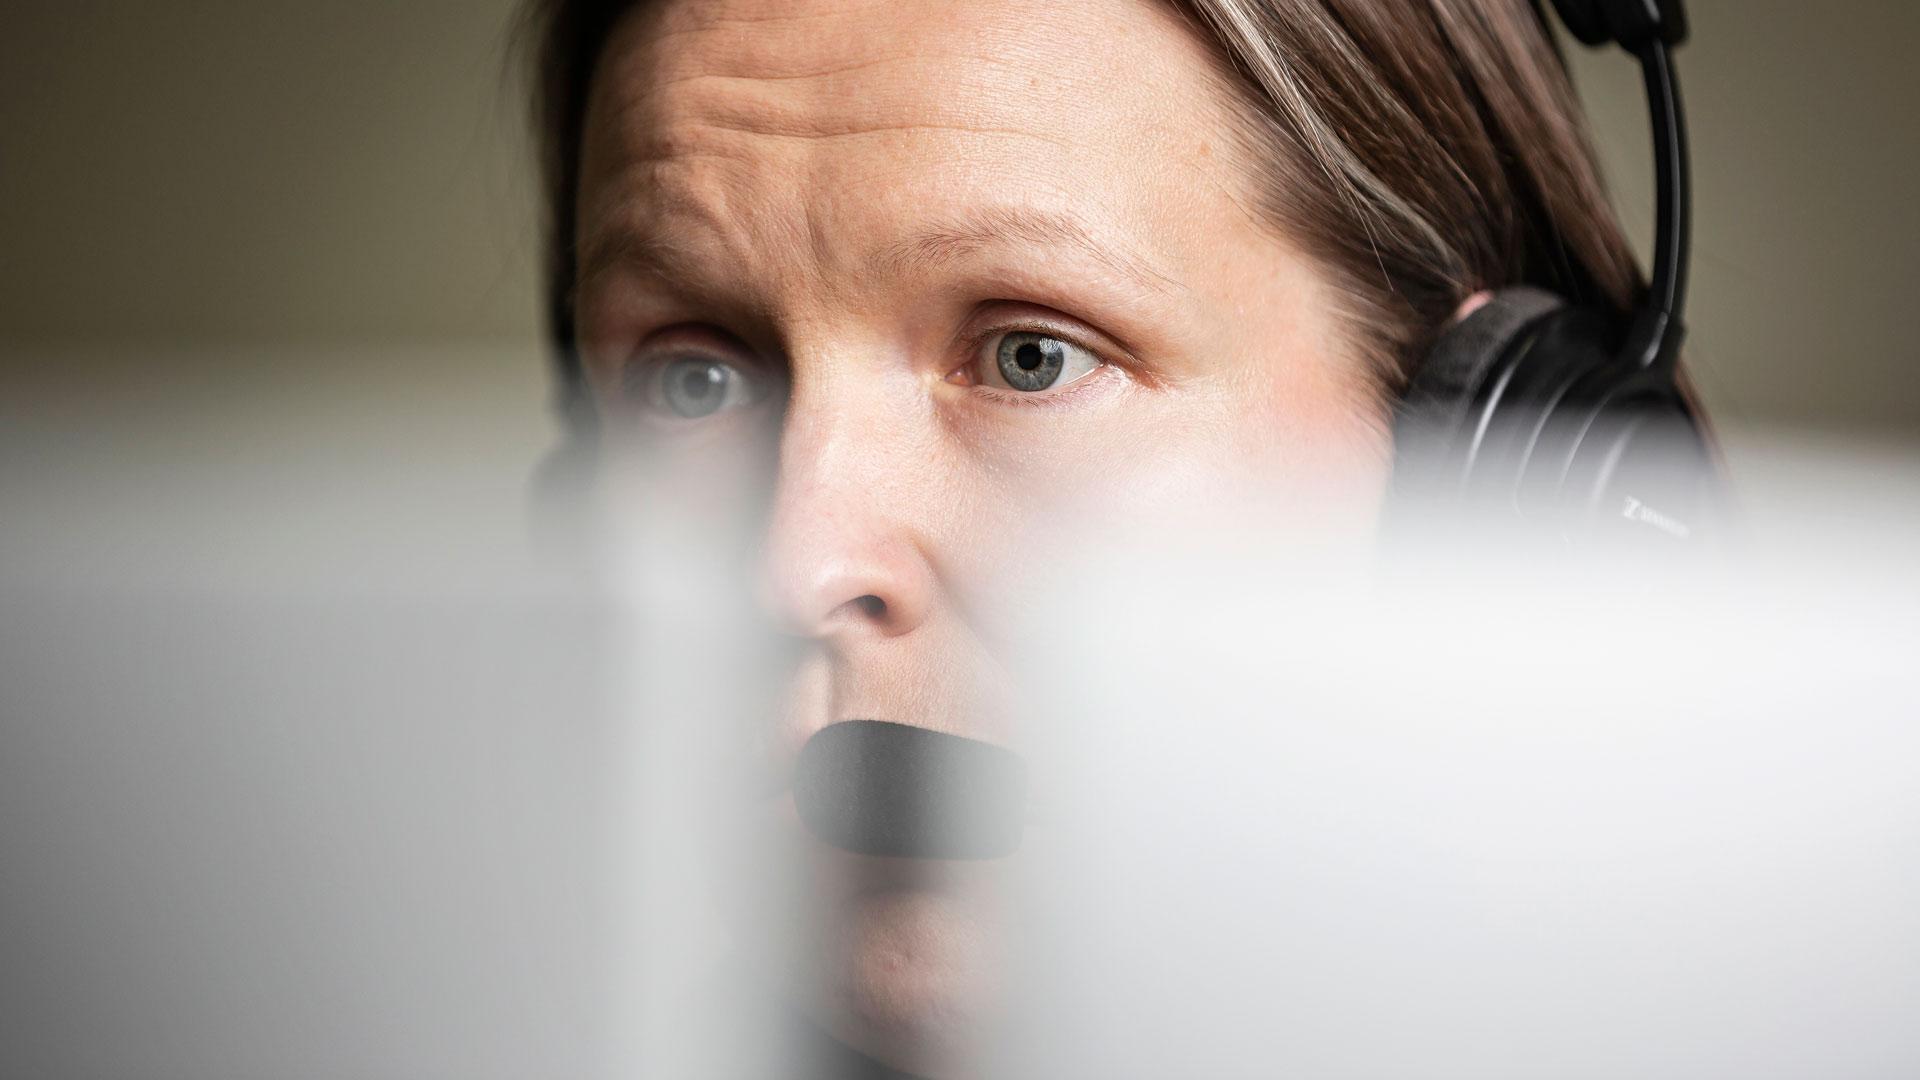 Leena Partanen hätäkeskuspäivystäjä